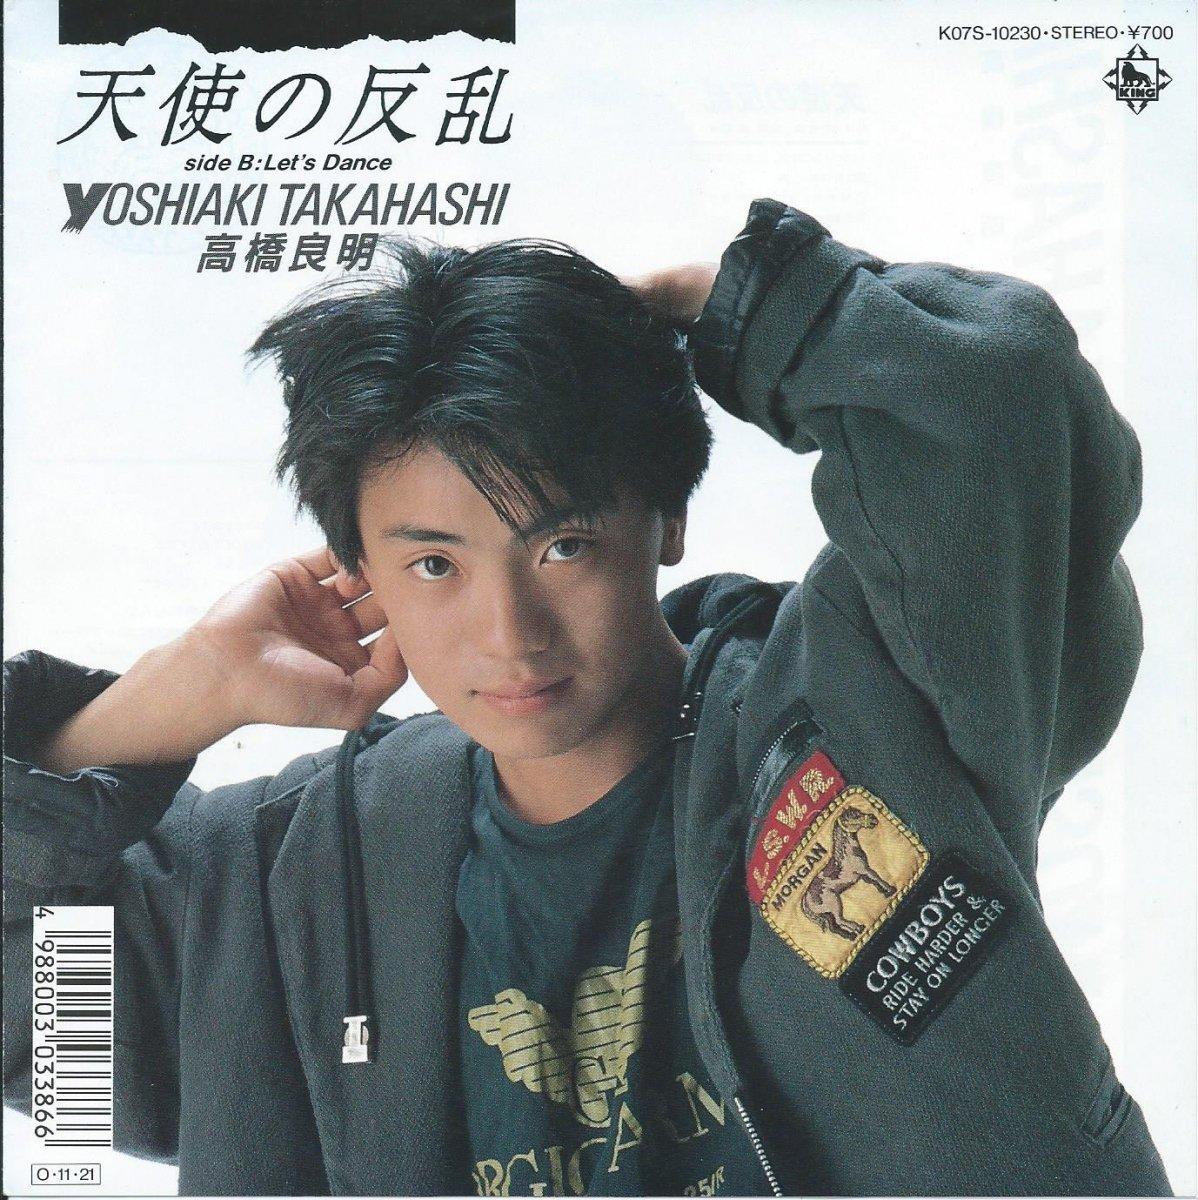 高橋良明 YOSHIAKI TAKAHASHI / 天使の反乱 / LET'S DANCE (7